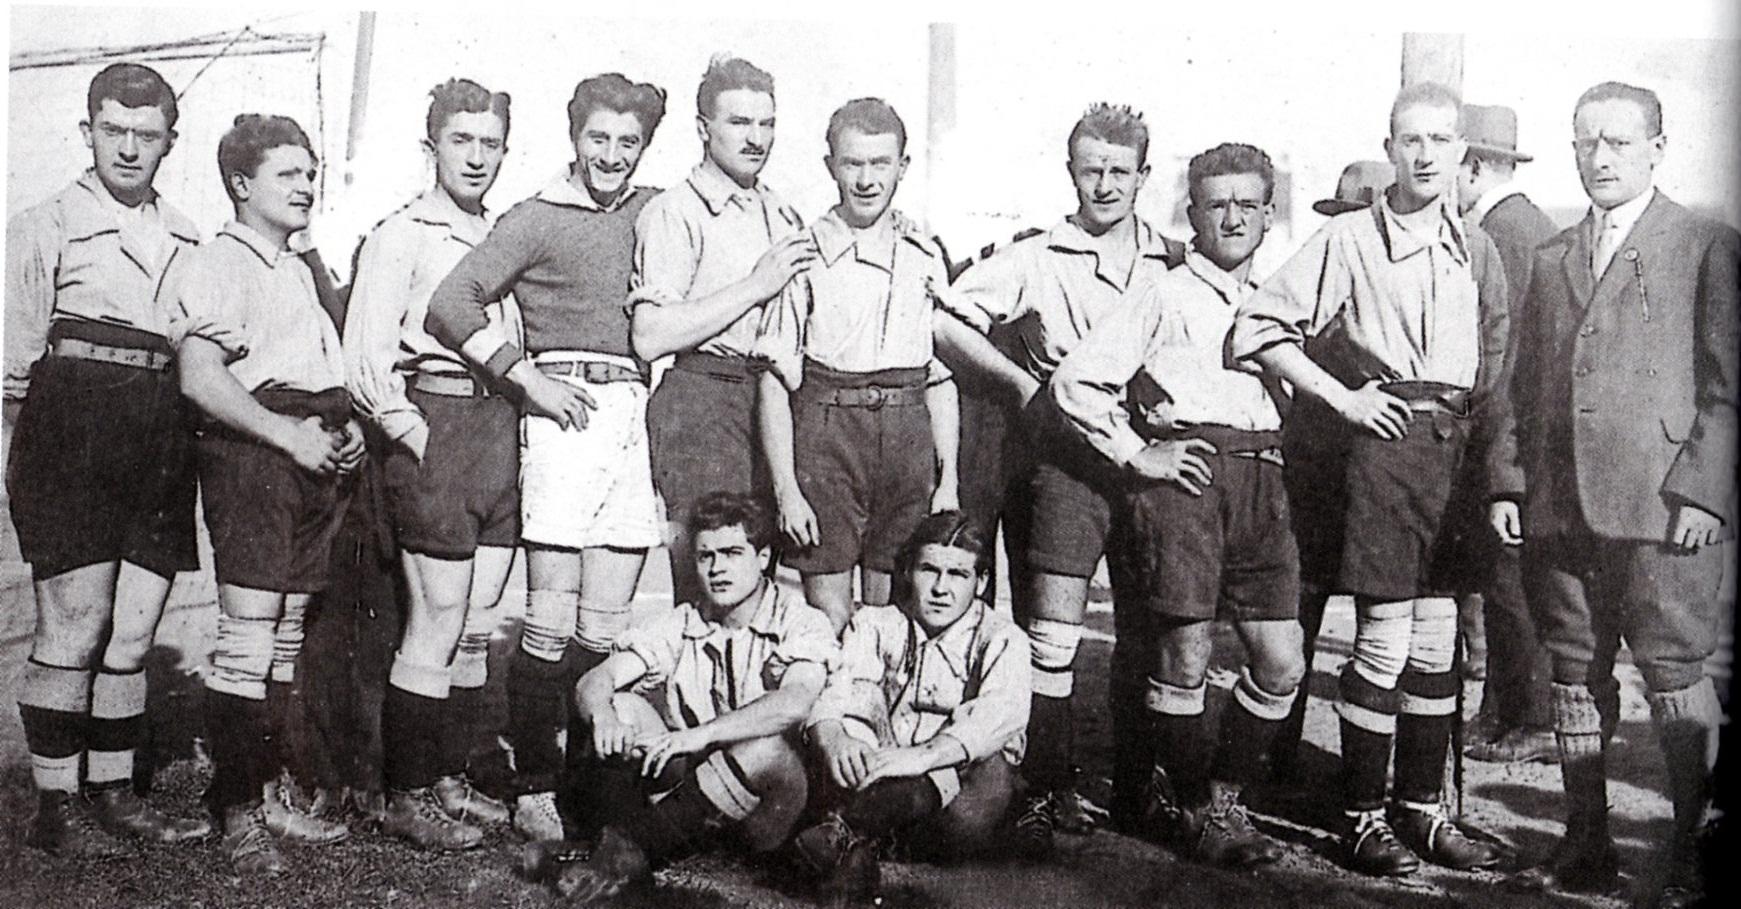 1920 - L'Alessandria Fbc - Papa I, Lazoli I, Porrati, Ticozzelli, Carcano, Baloncieri, Grillo, Moretti. Seduti - Povero, Bay I.